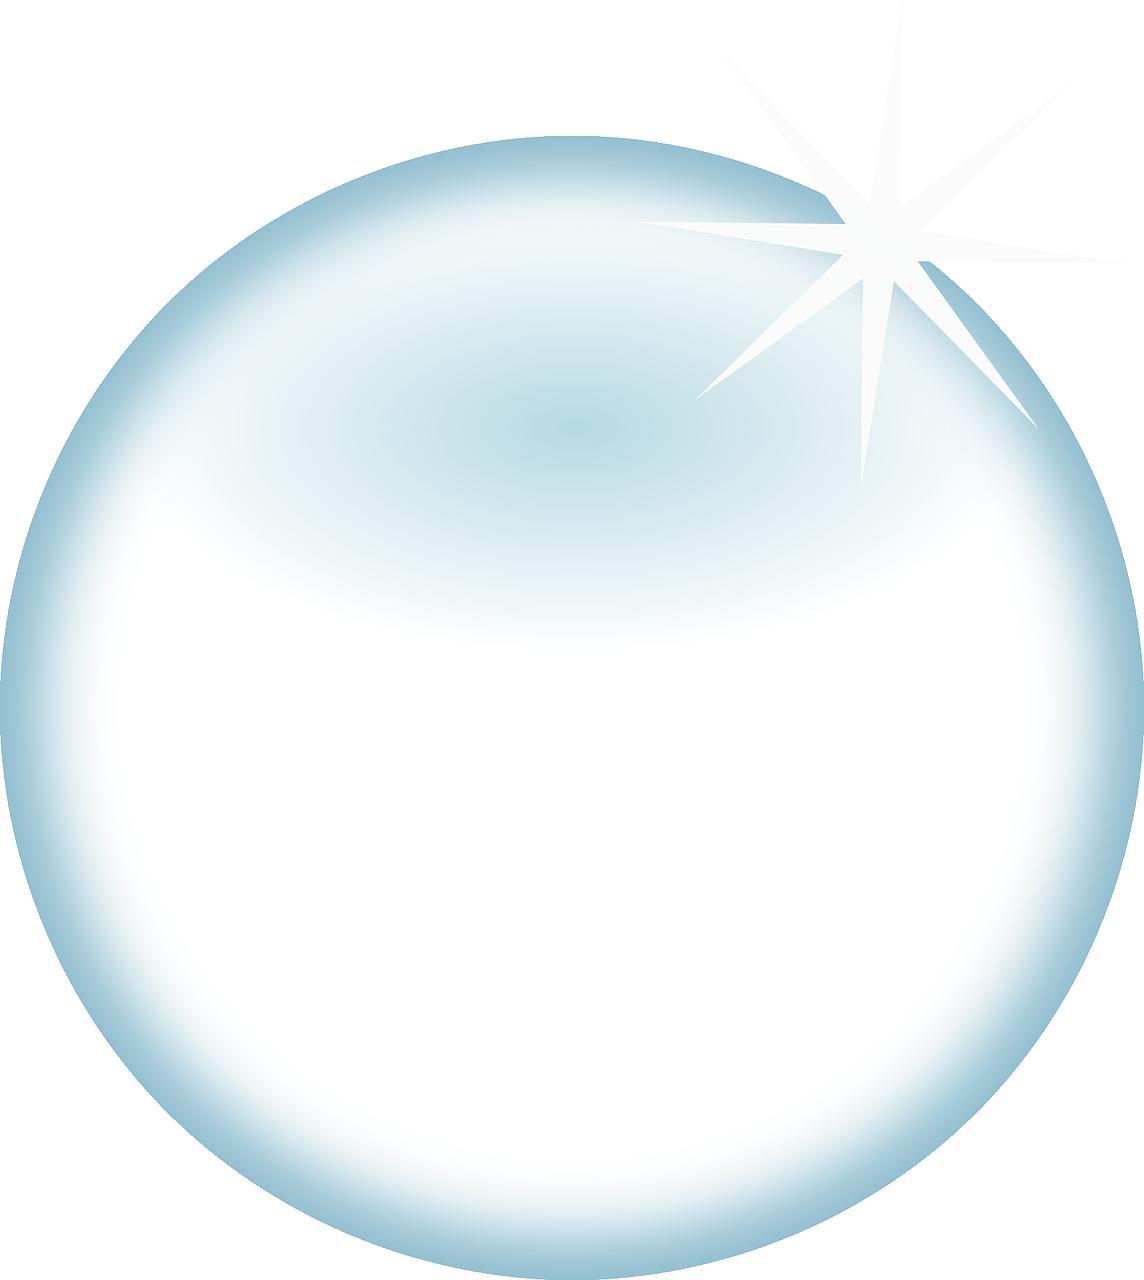 耶诞球装饰吊球大綵球12-50cm亮光球 耶诞橱窗场景装饰品布置挂件